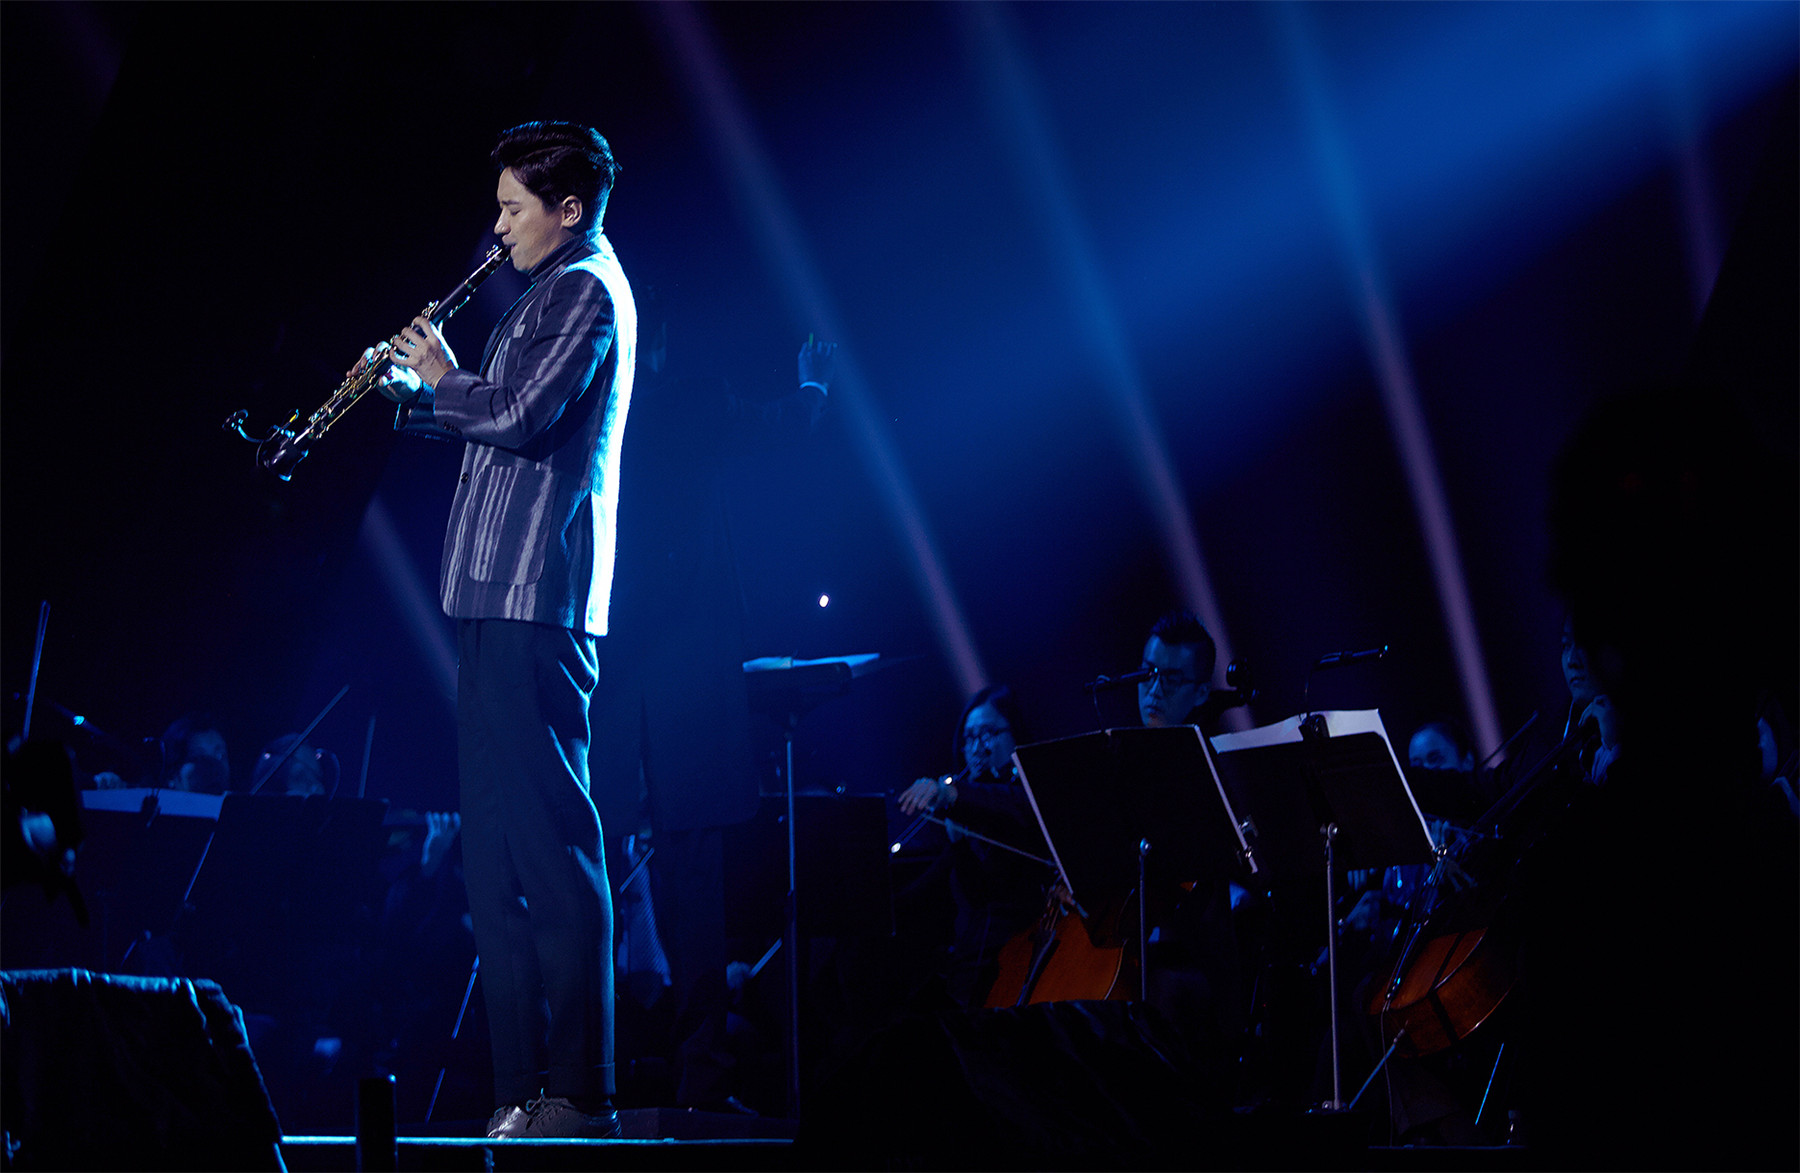 谭维维成都环境音乐会 自然与音乐完美融合